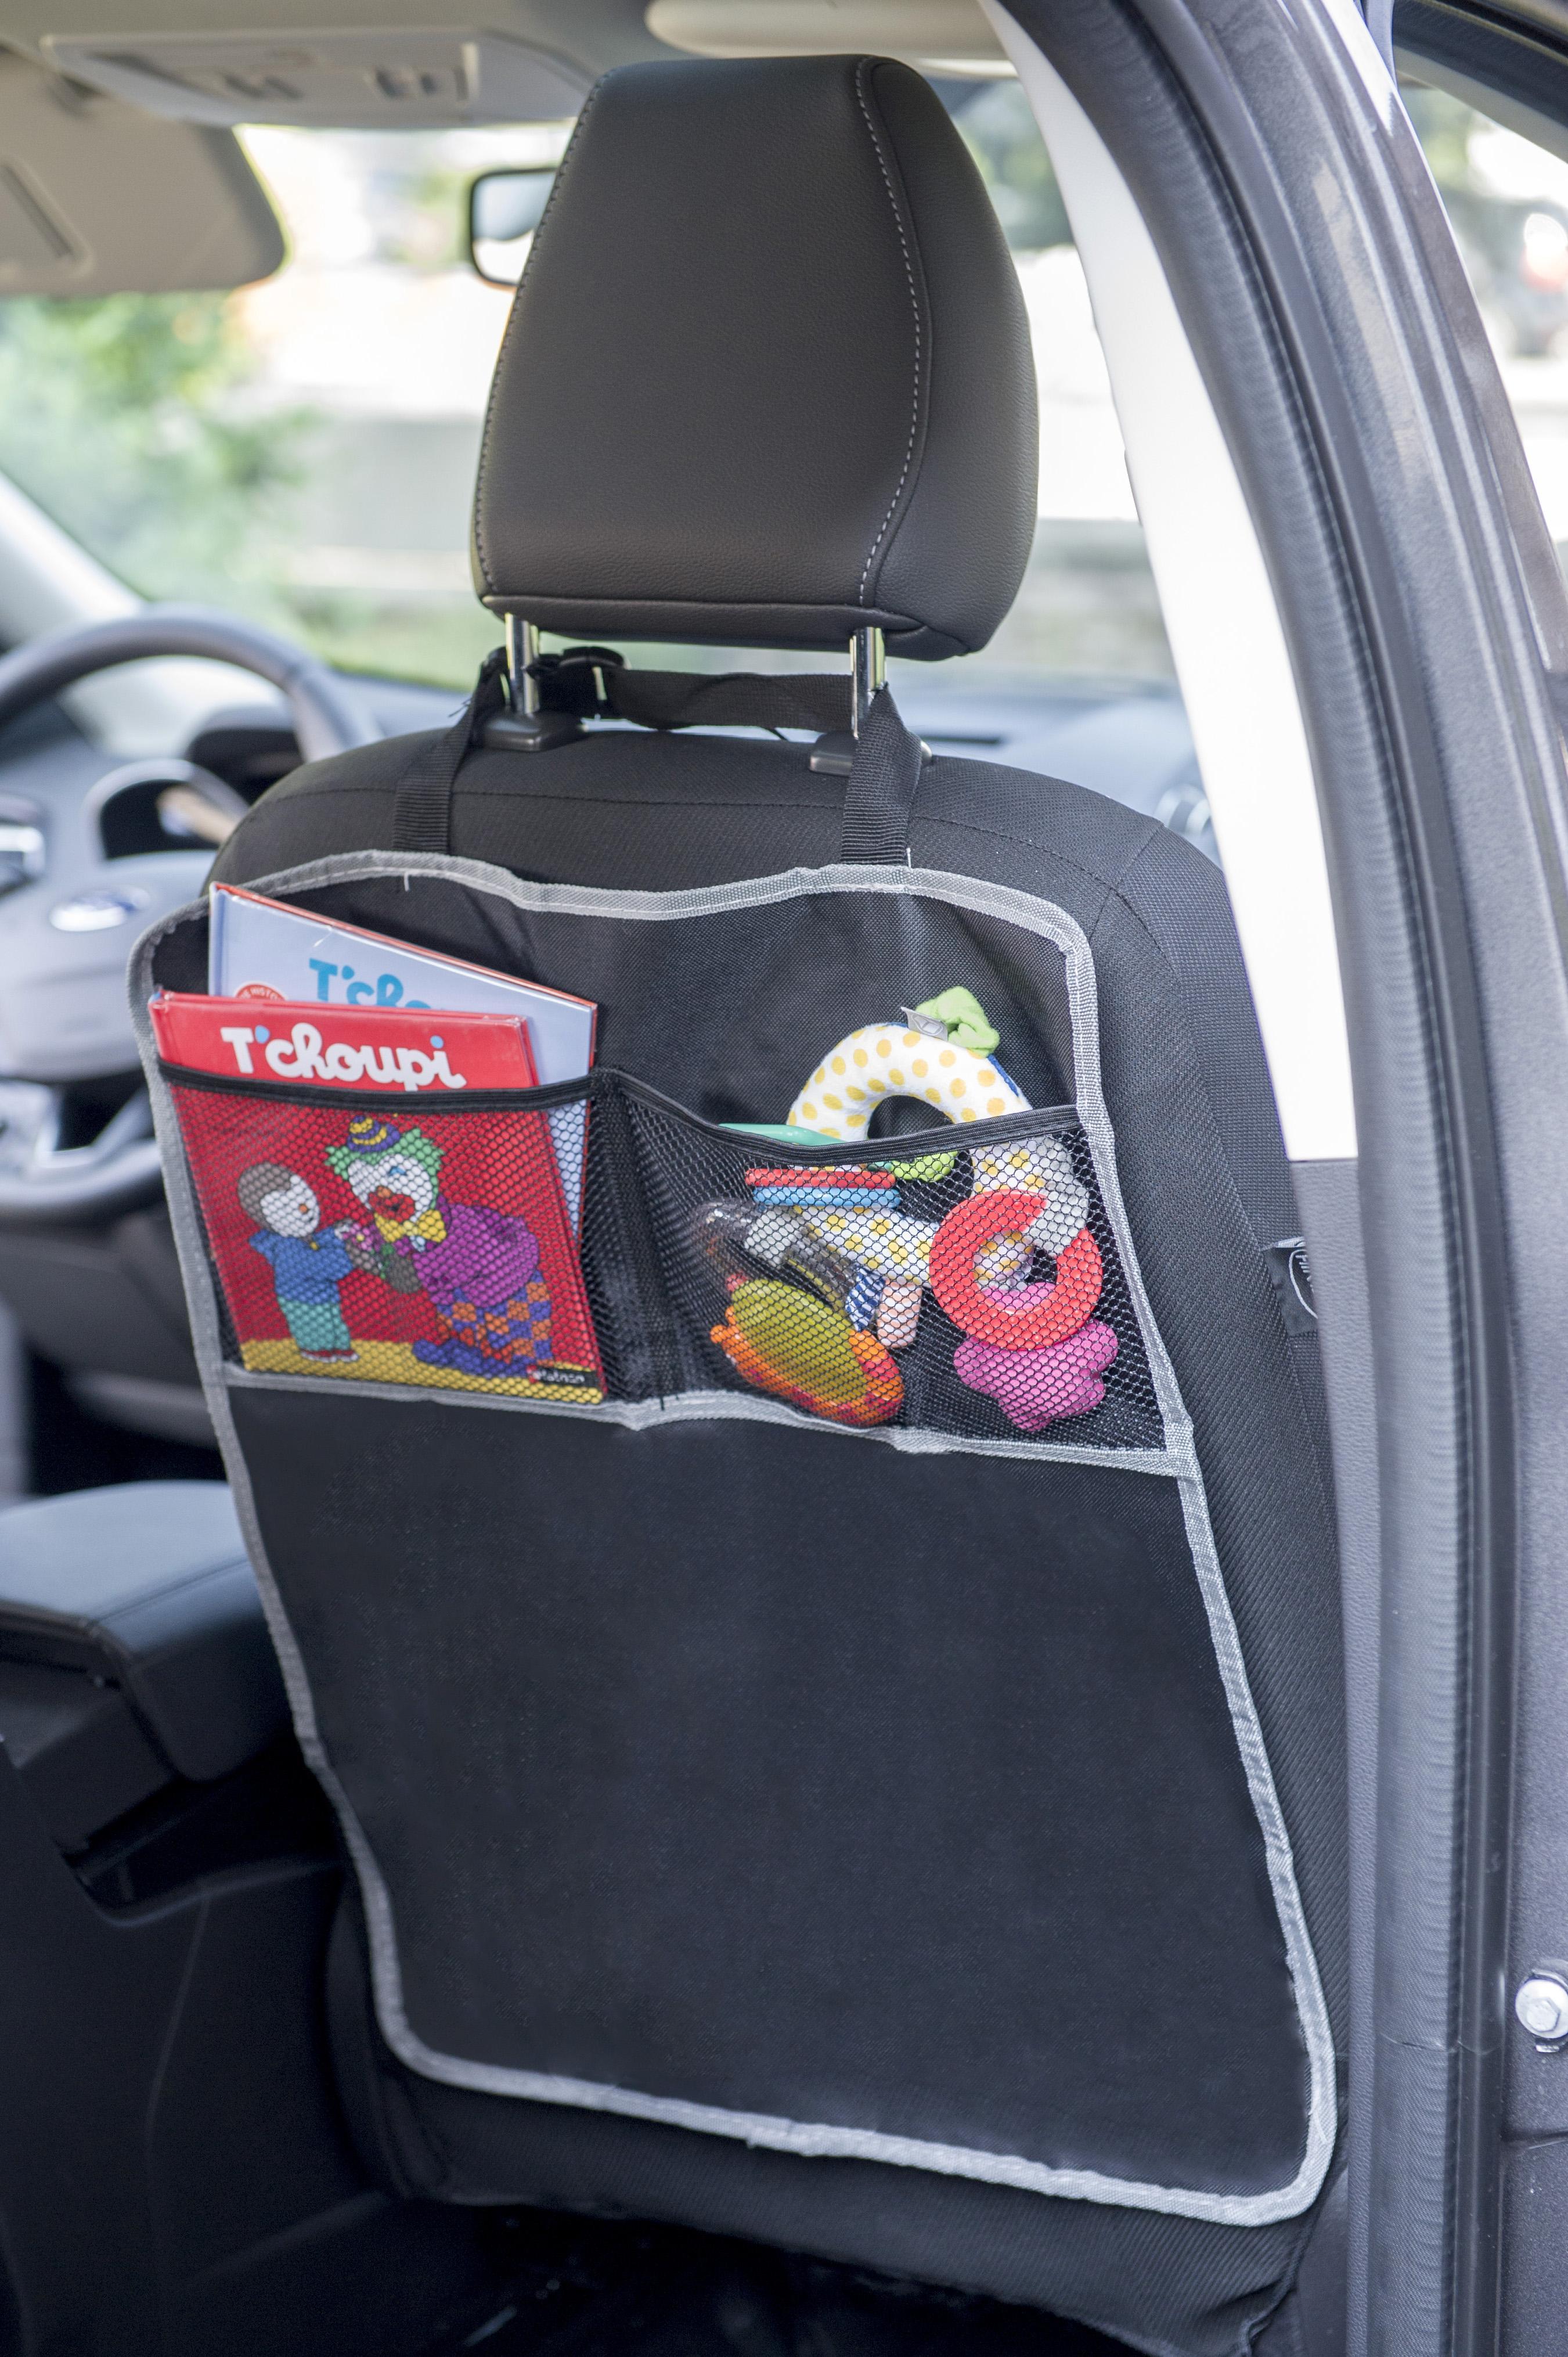 Rücksitz-Organizer 01013086 DBS 01013086 in Original Qualität